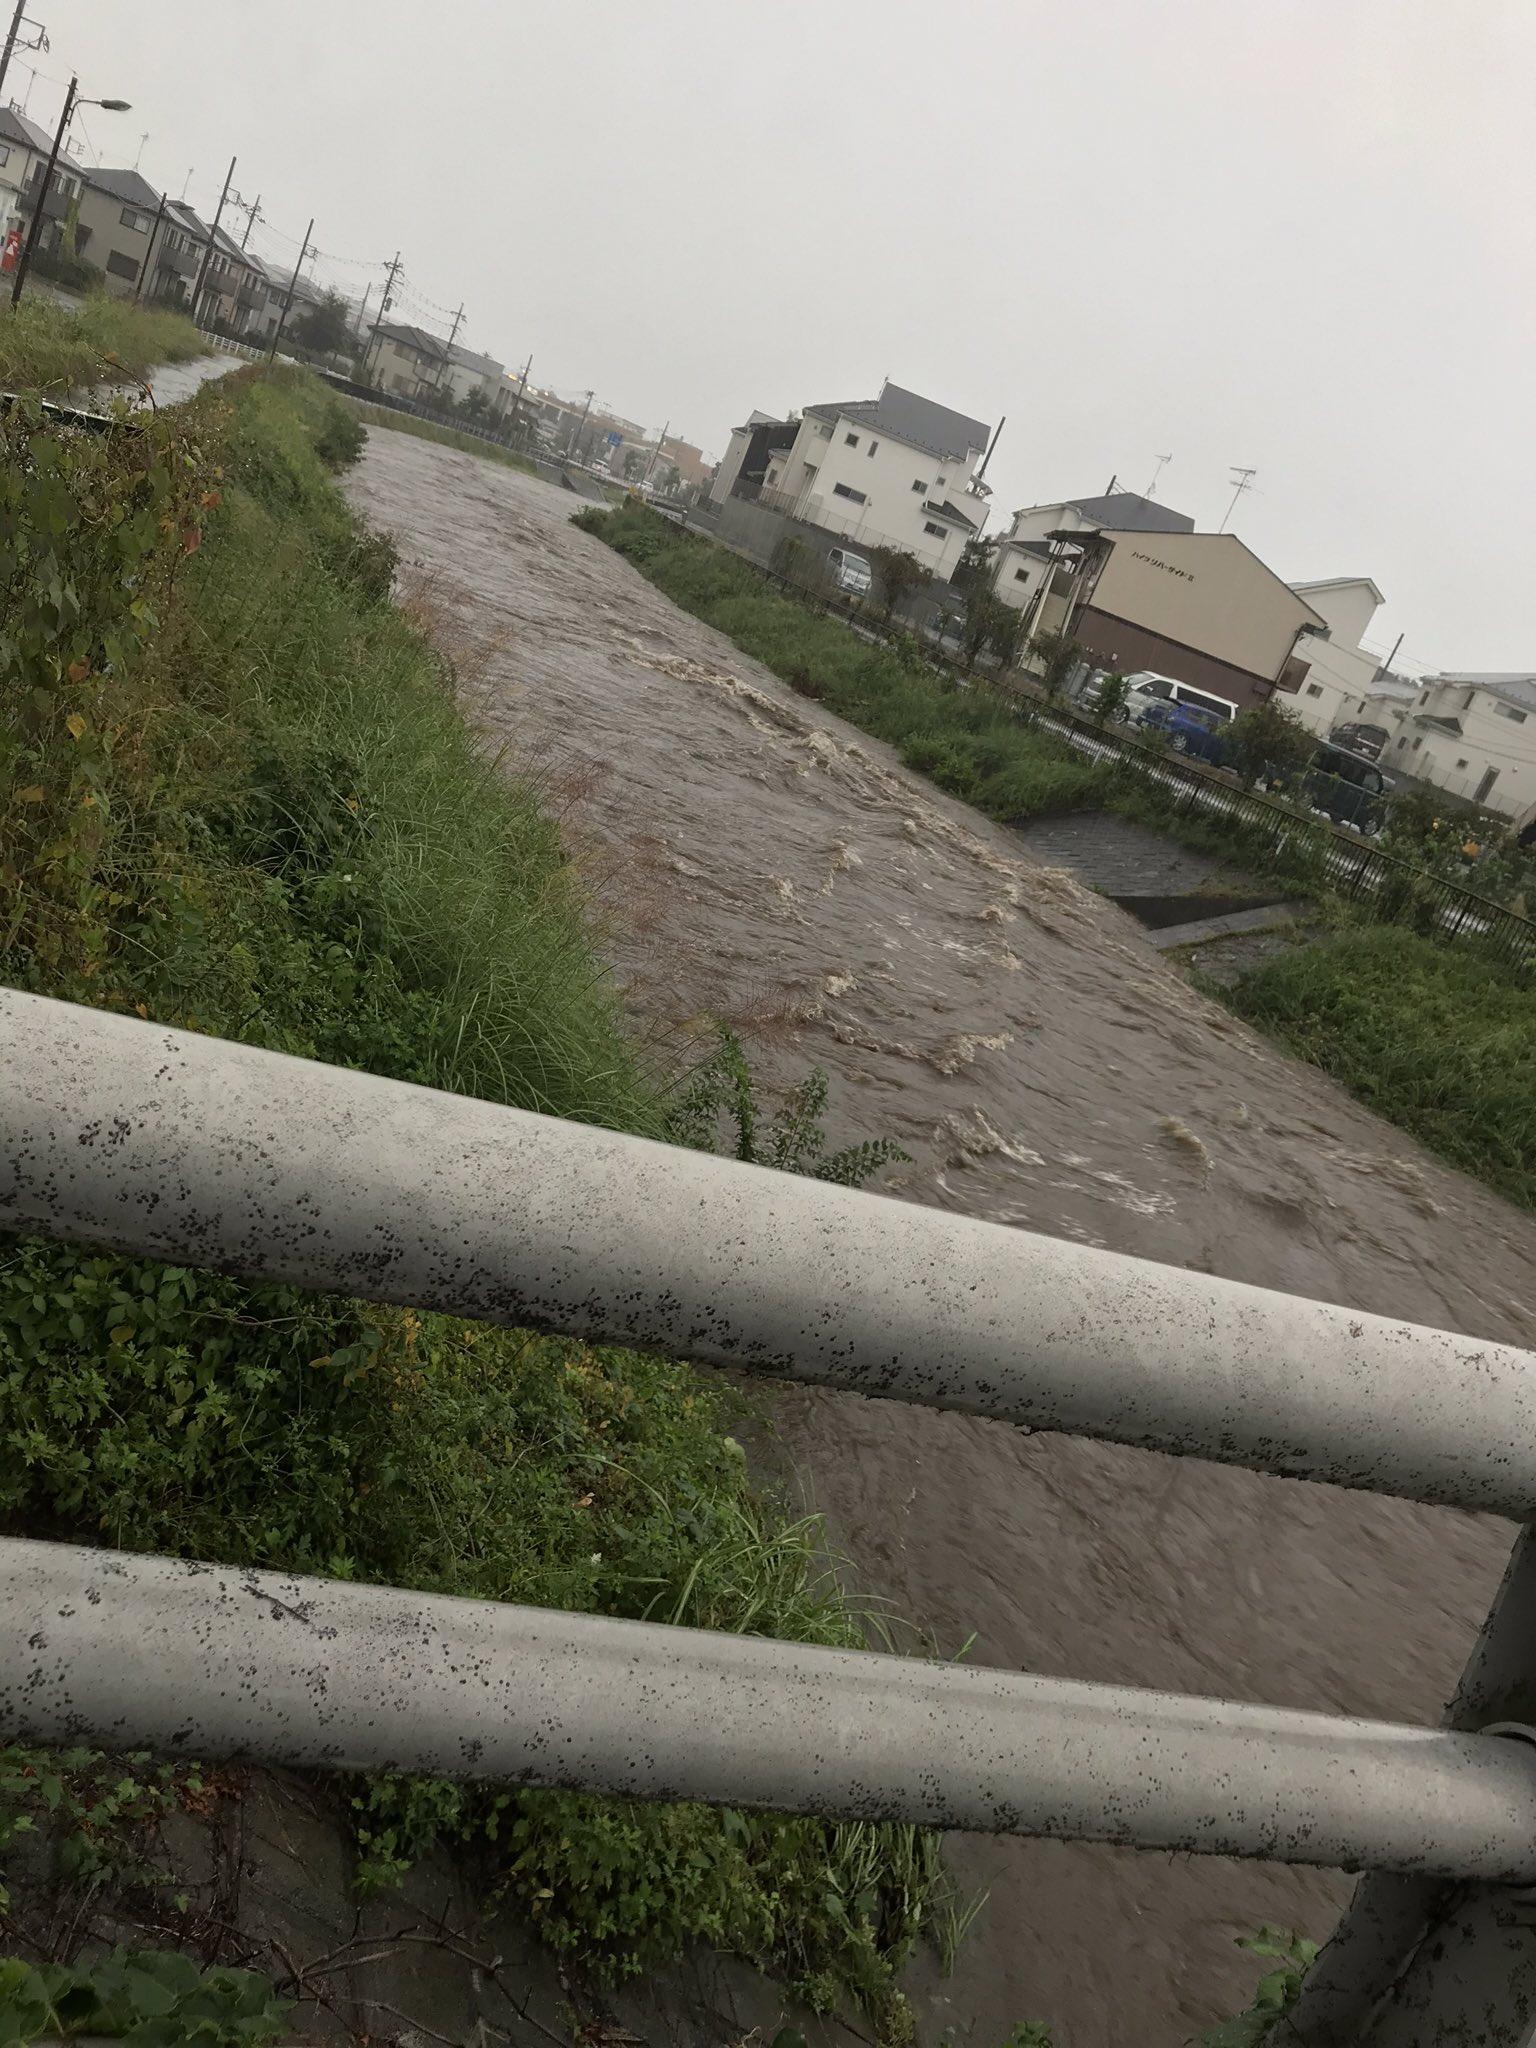 台風19号の豪雨で境川が氾濫危険水位を超えている現場の画像